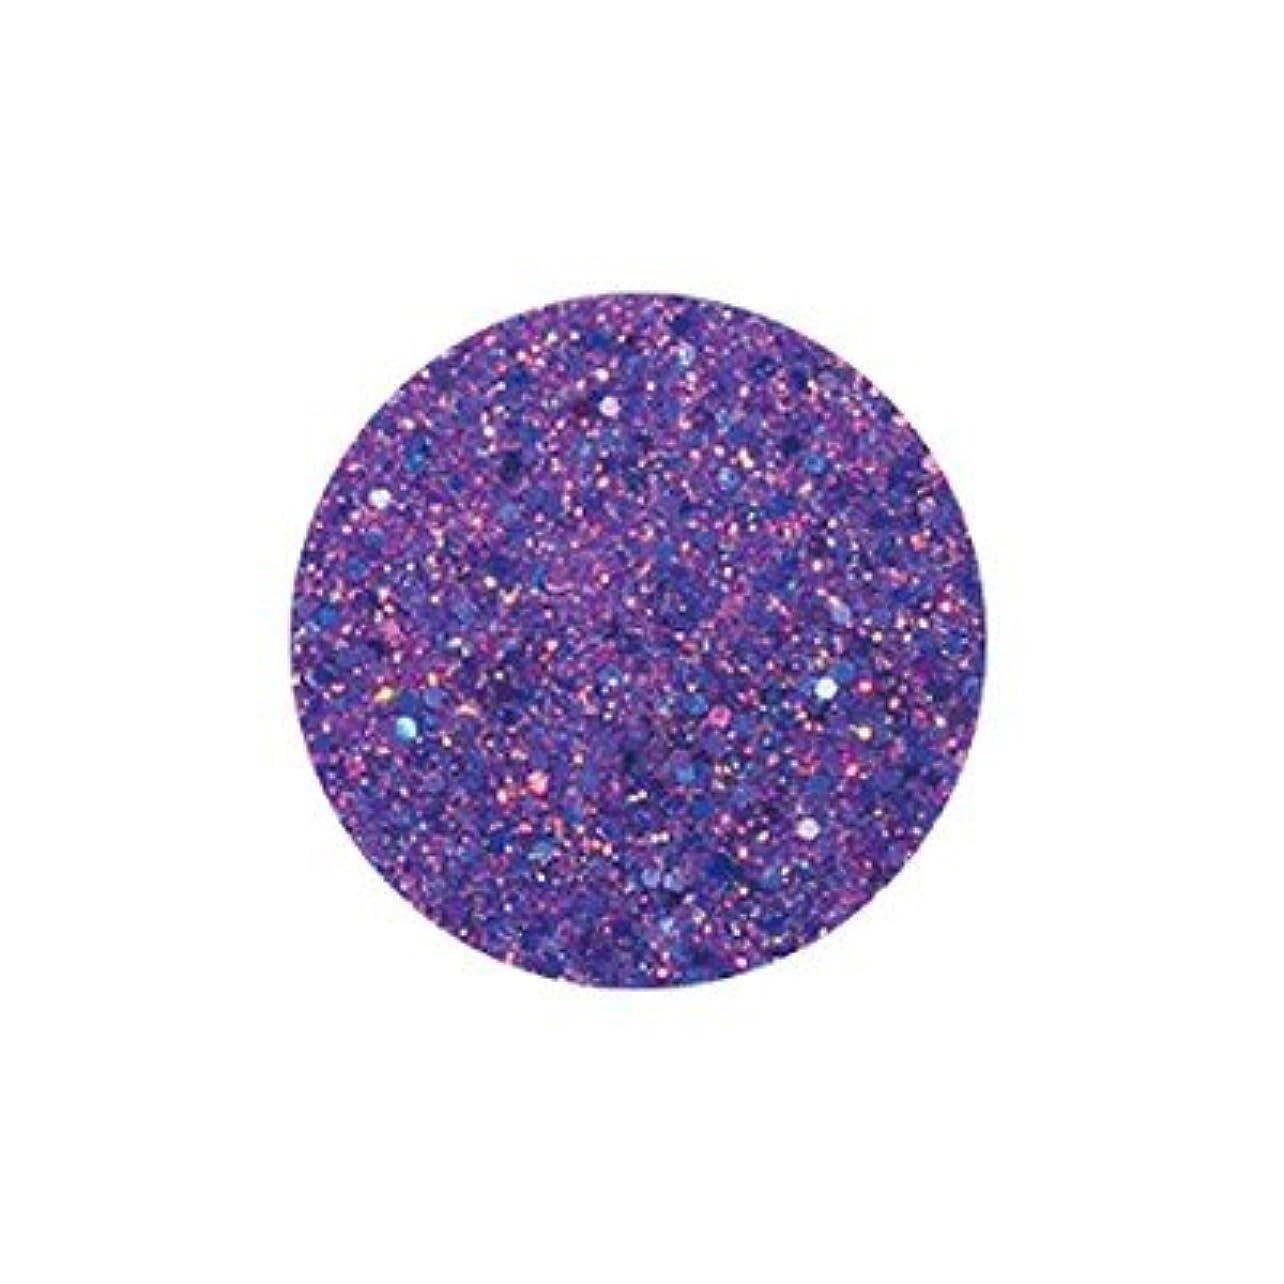 一元化するマークされた印刷するFANTASY NAIL ダイヤモンドコレクション 3g 4261XS カラーパウダー アート材